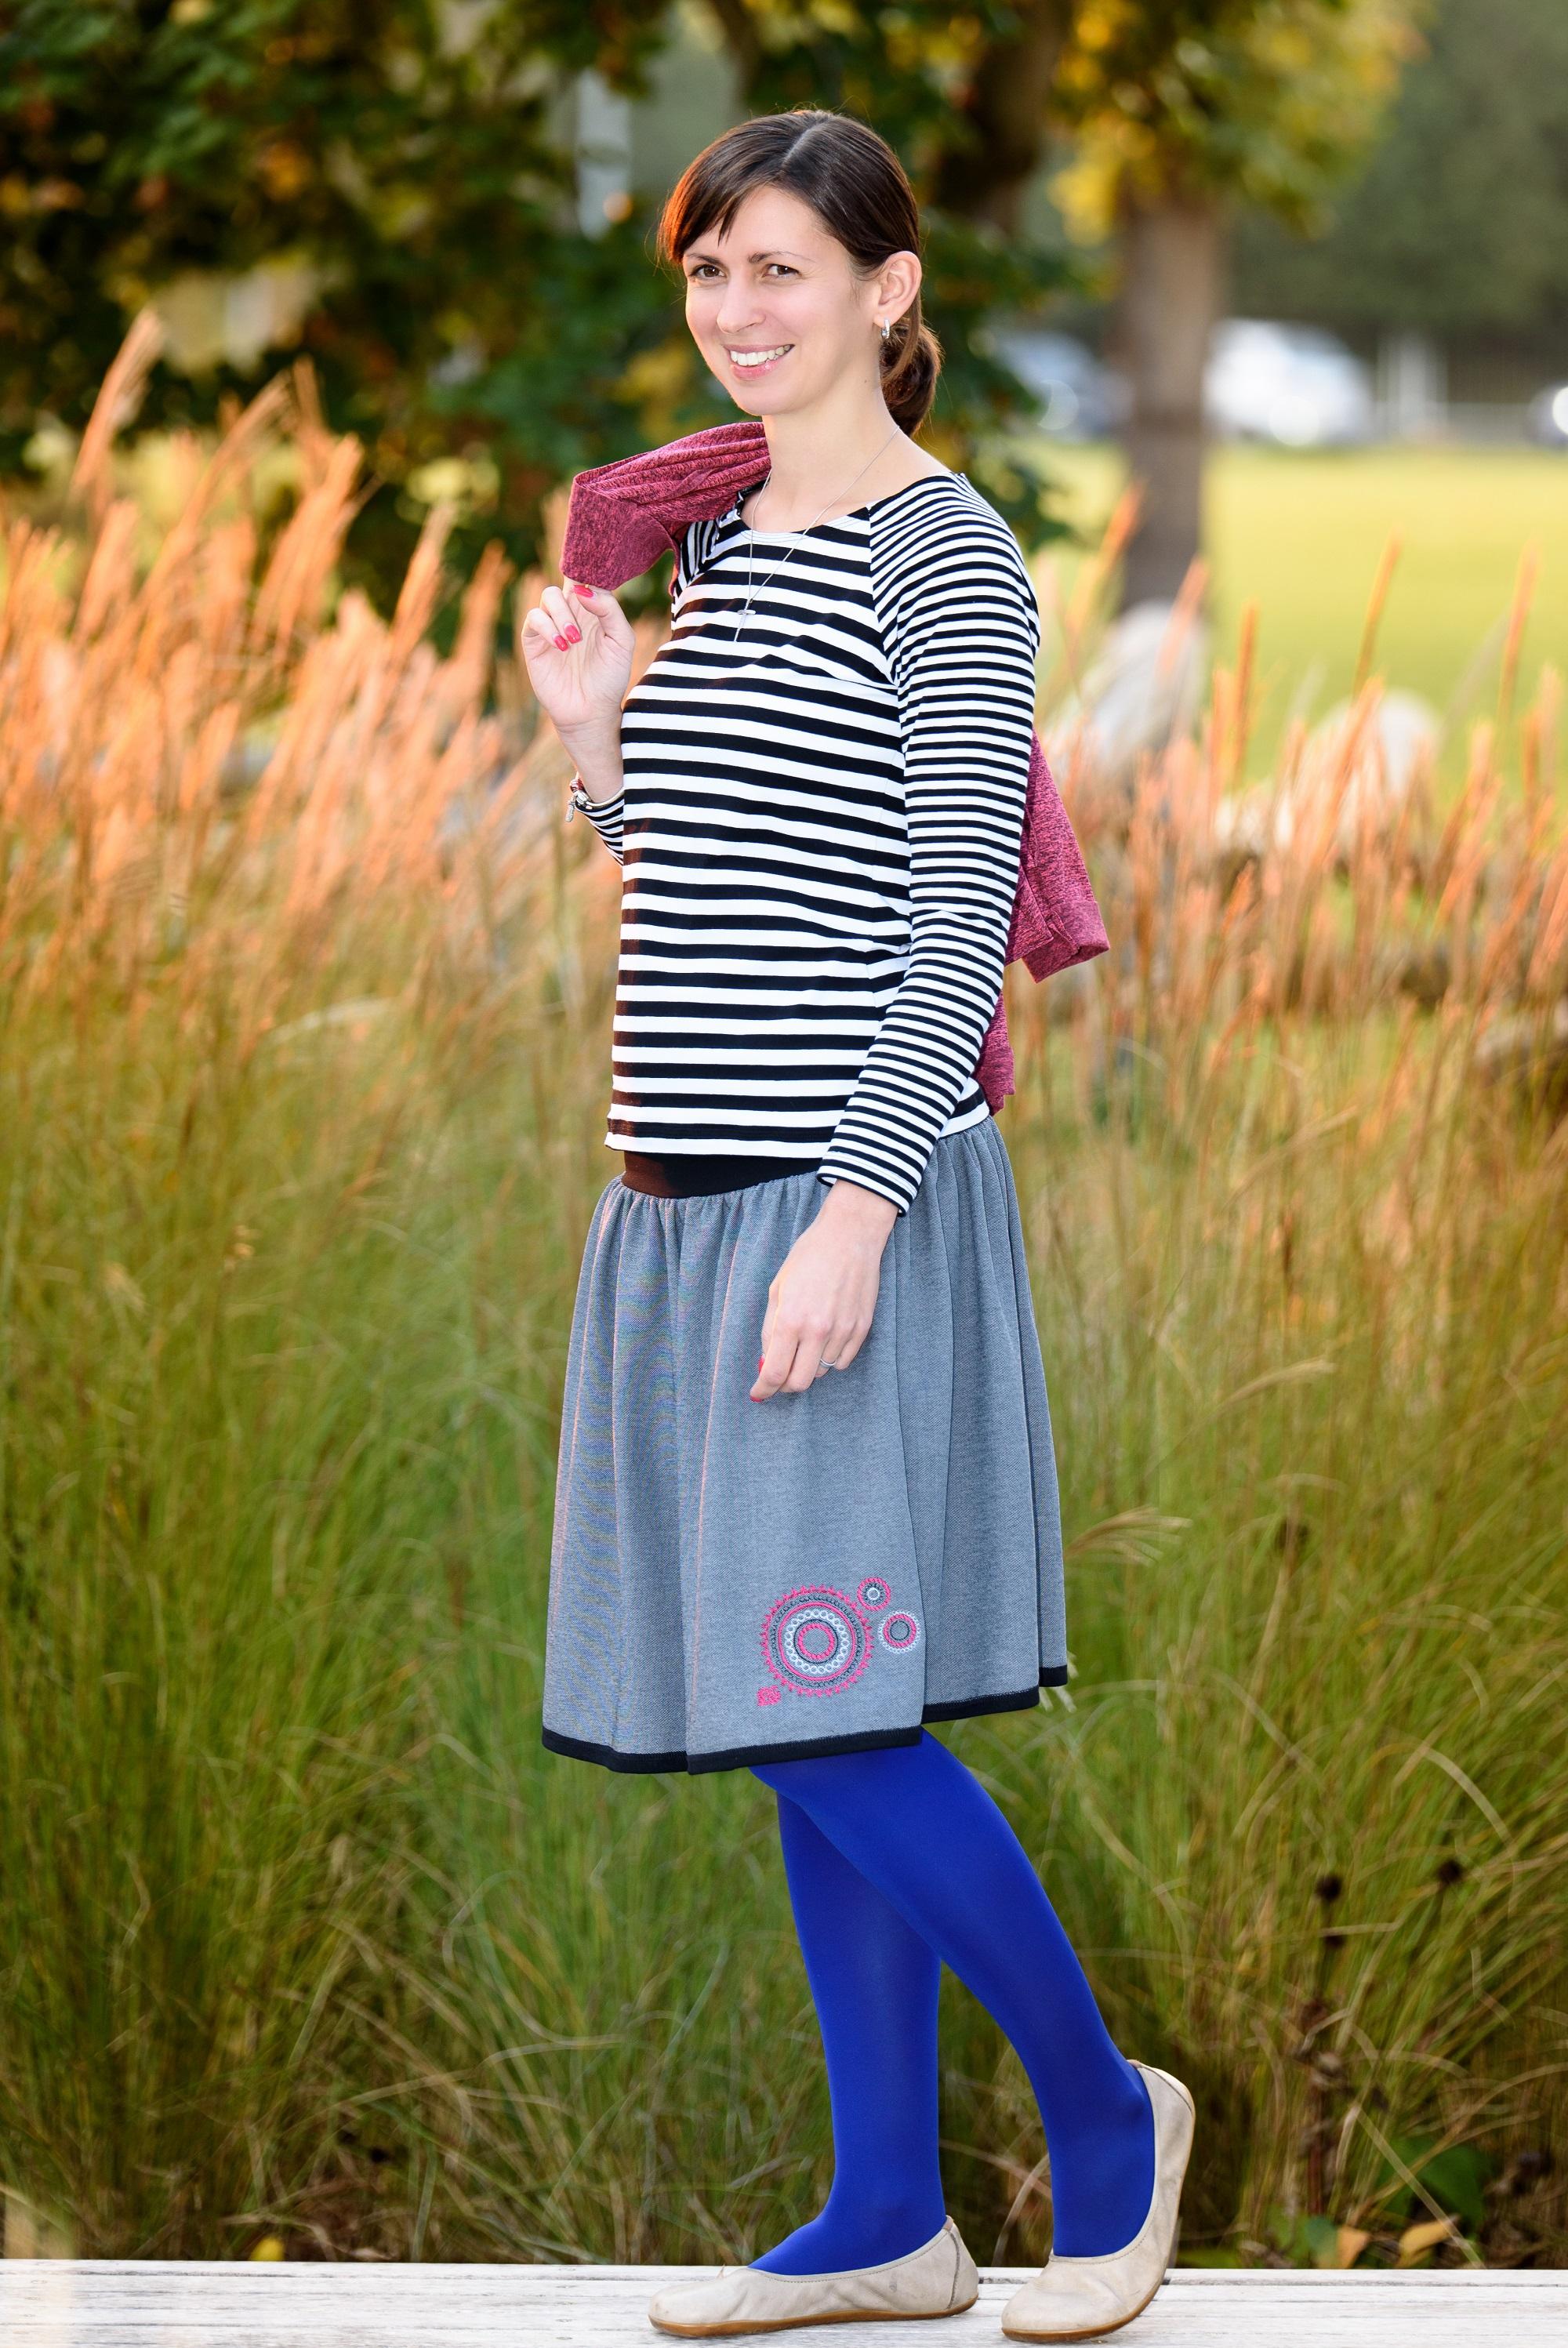 d876a3cc9c03 dámská kolová sukně z lehkého materiálu